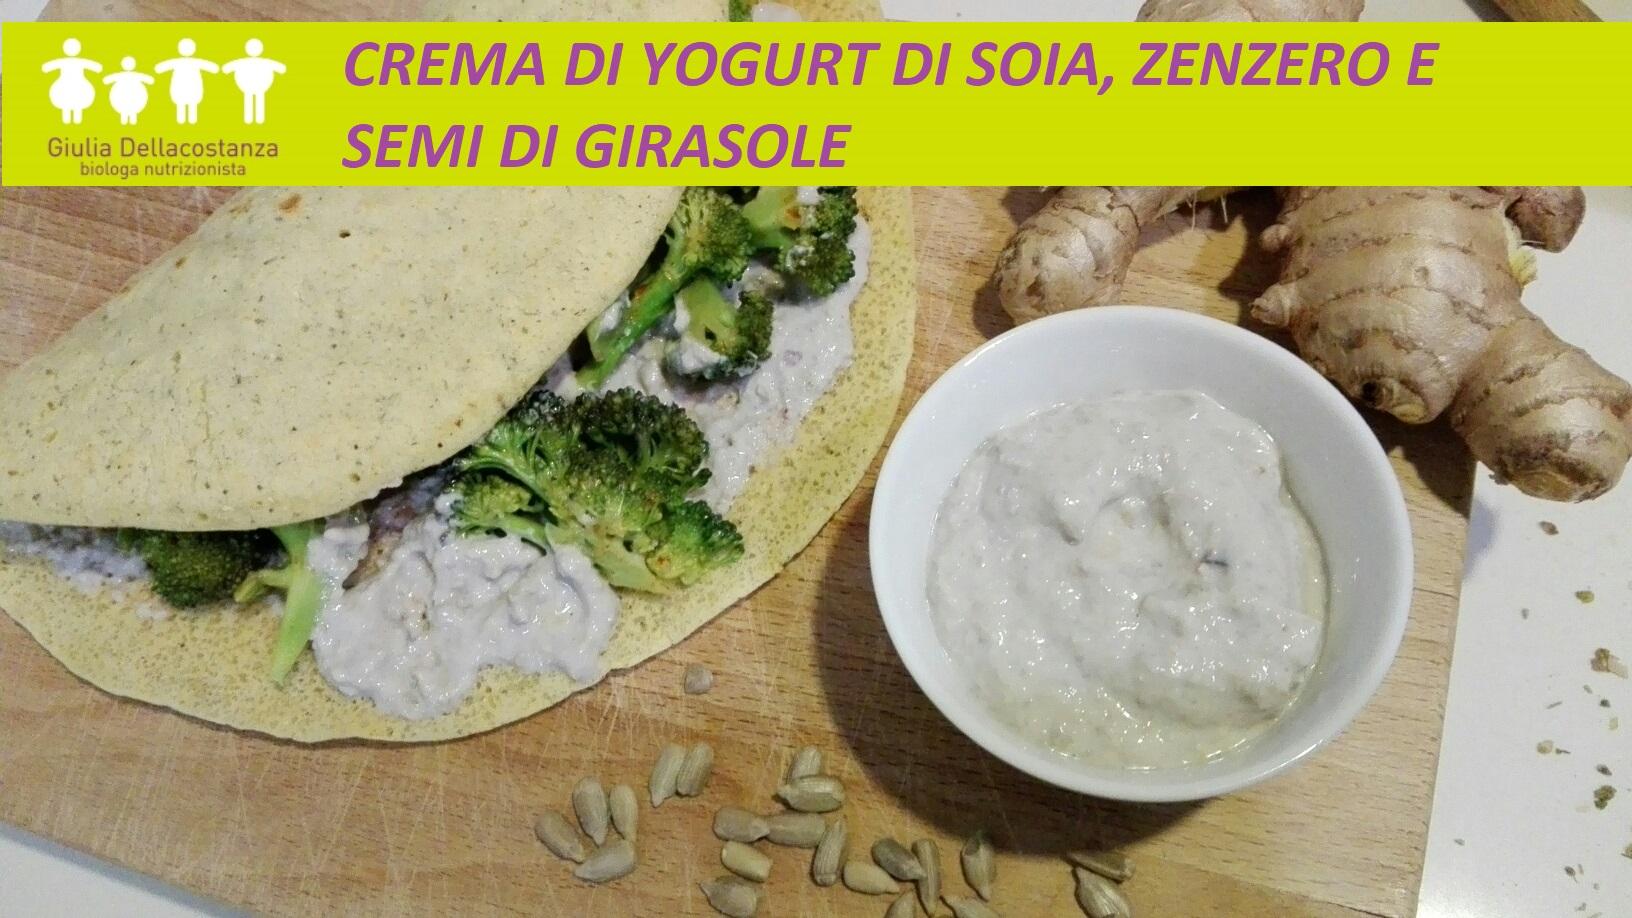 Salsa allo yogurt greco e semi di girasole con zenzero fresco